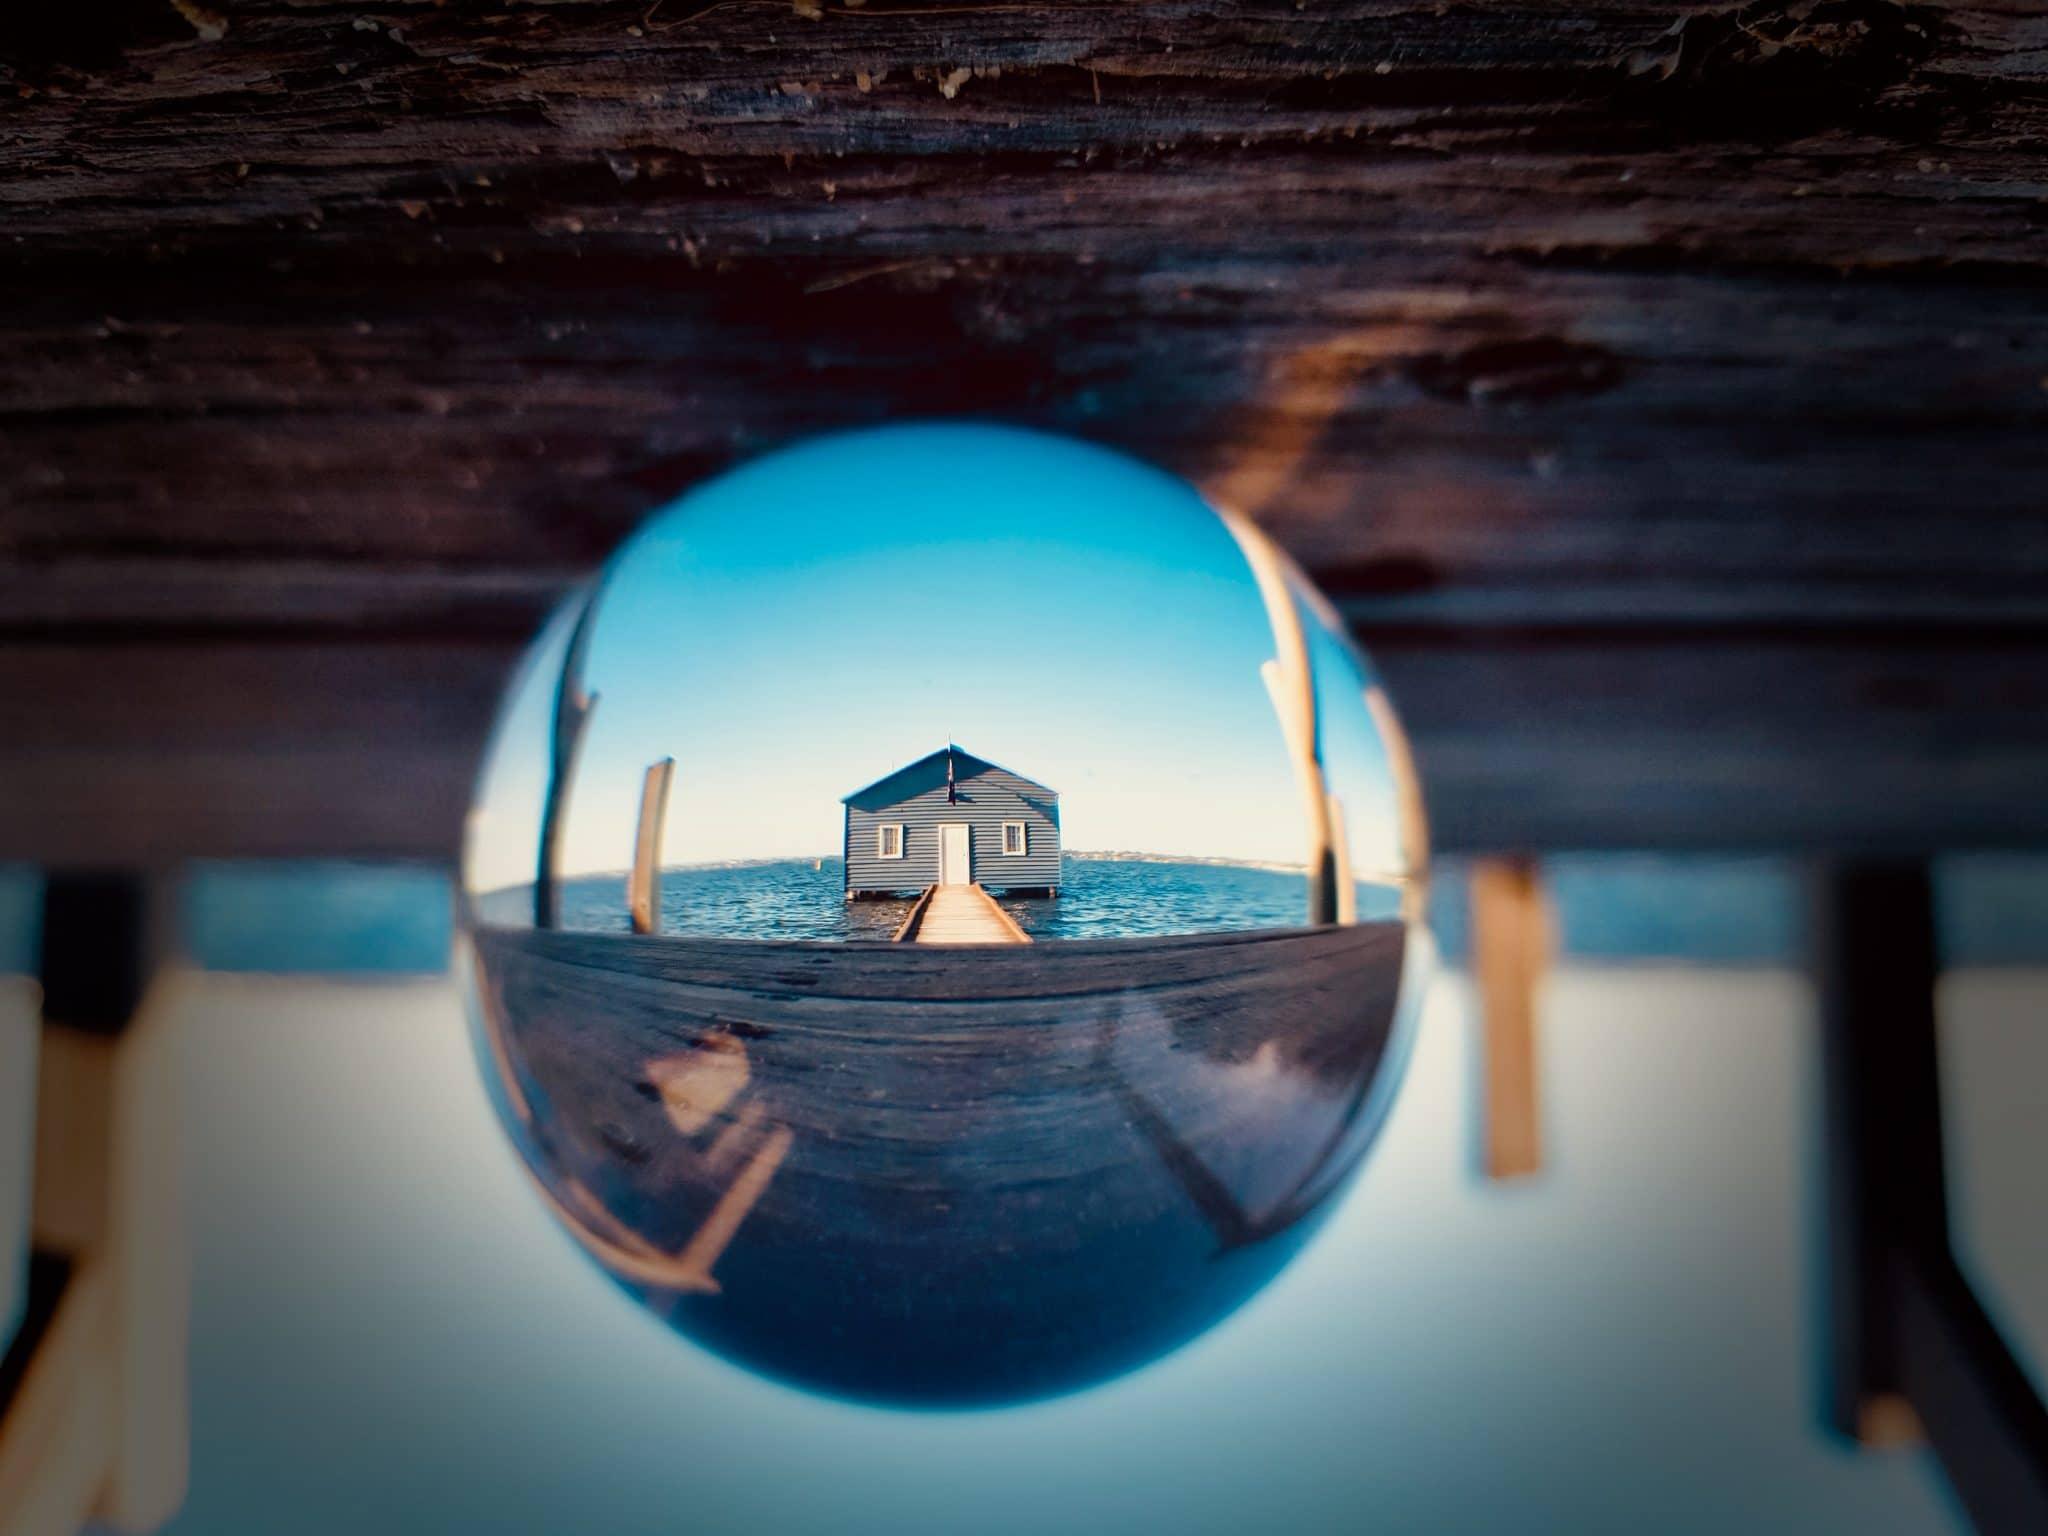 Glaskugel Fotografie Haus am See durch Glaskugel Hintergrund auf dem Kopf